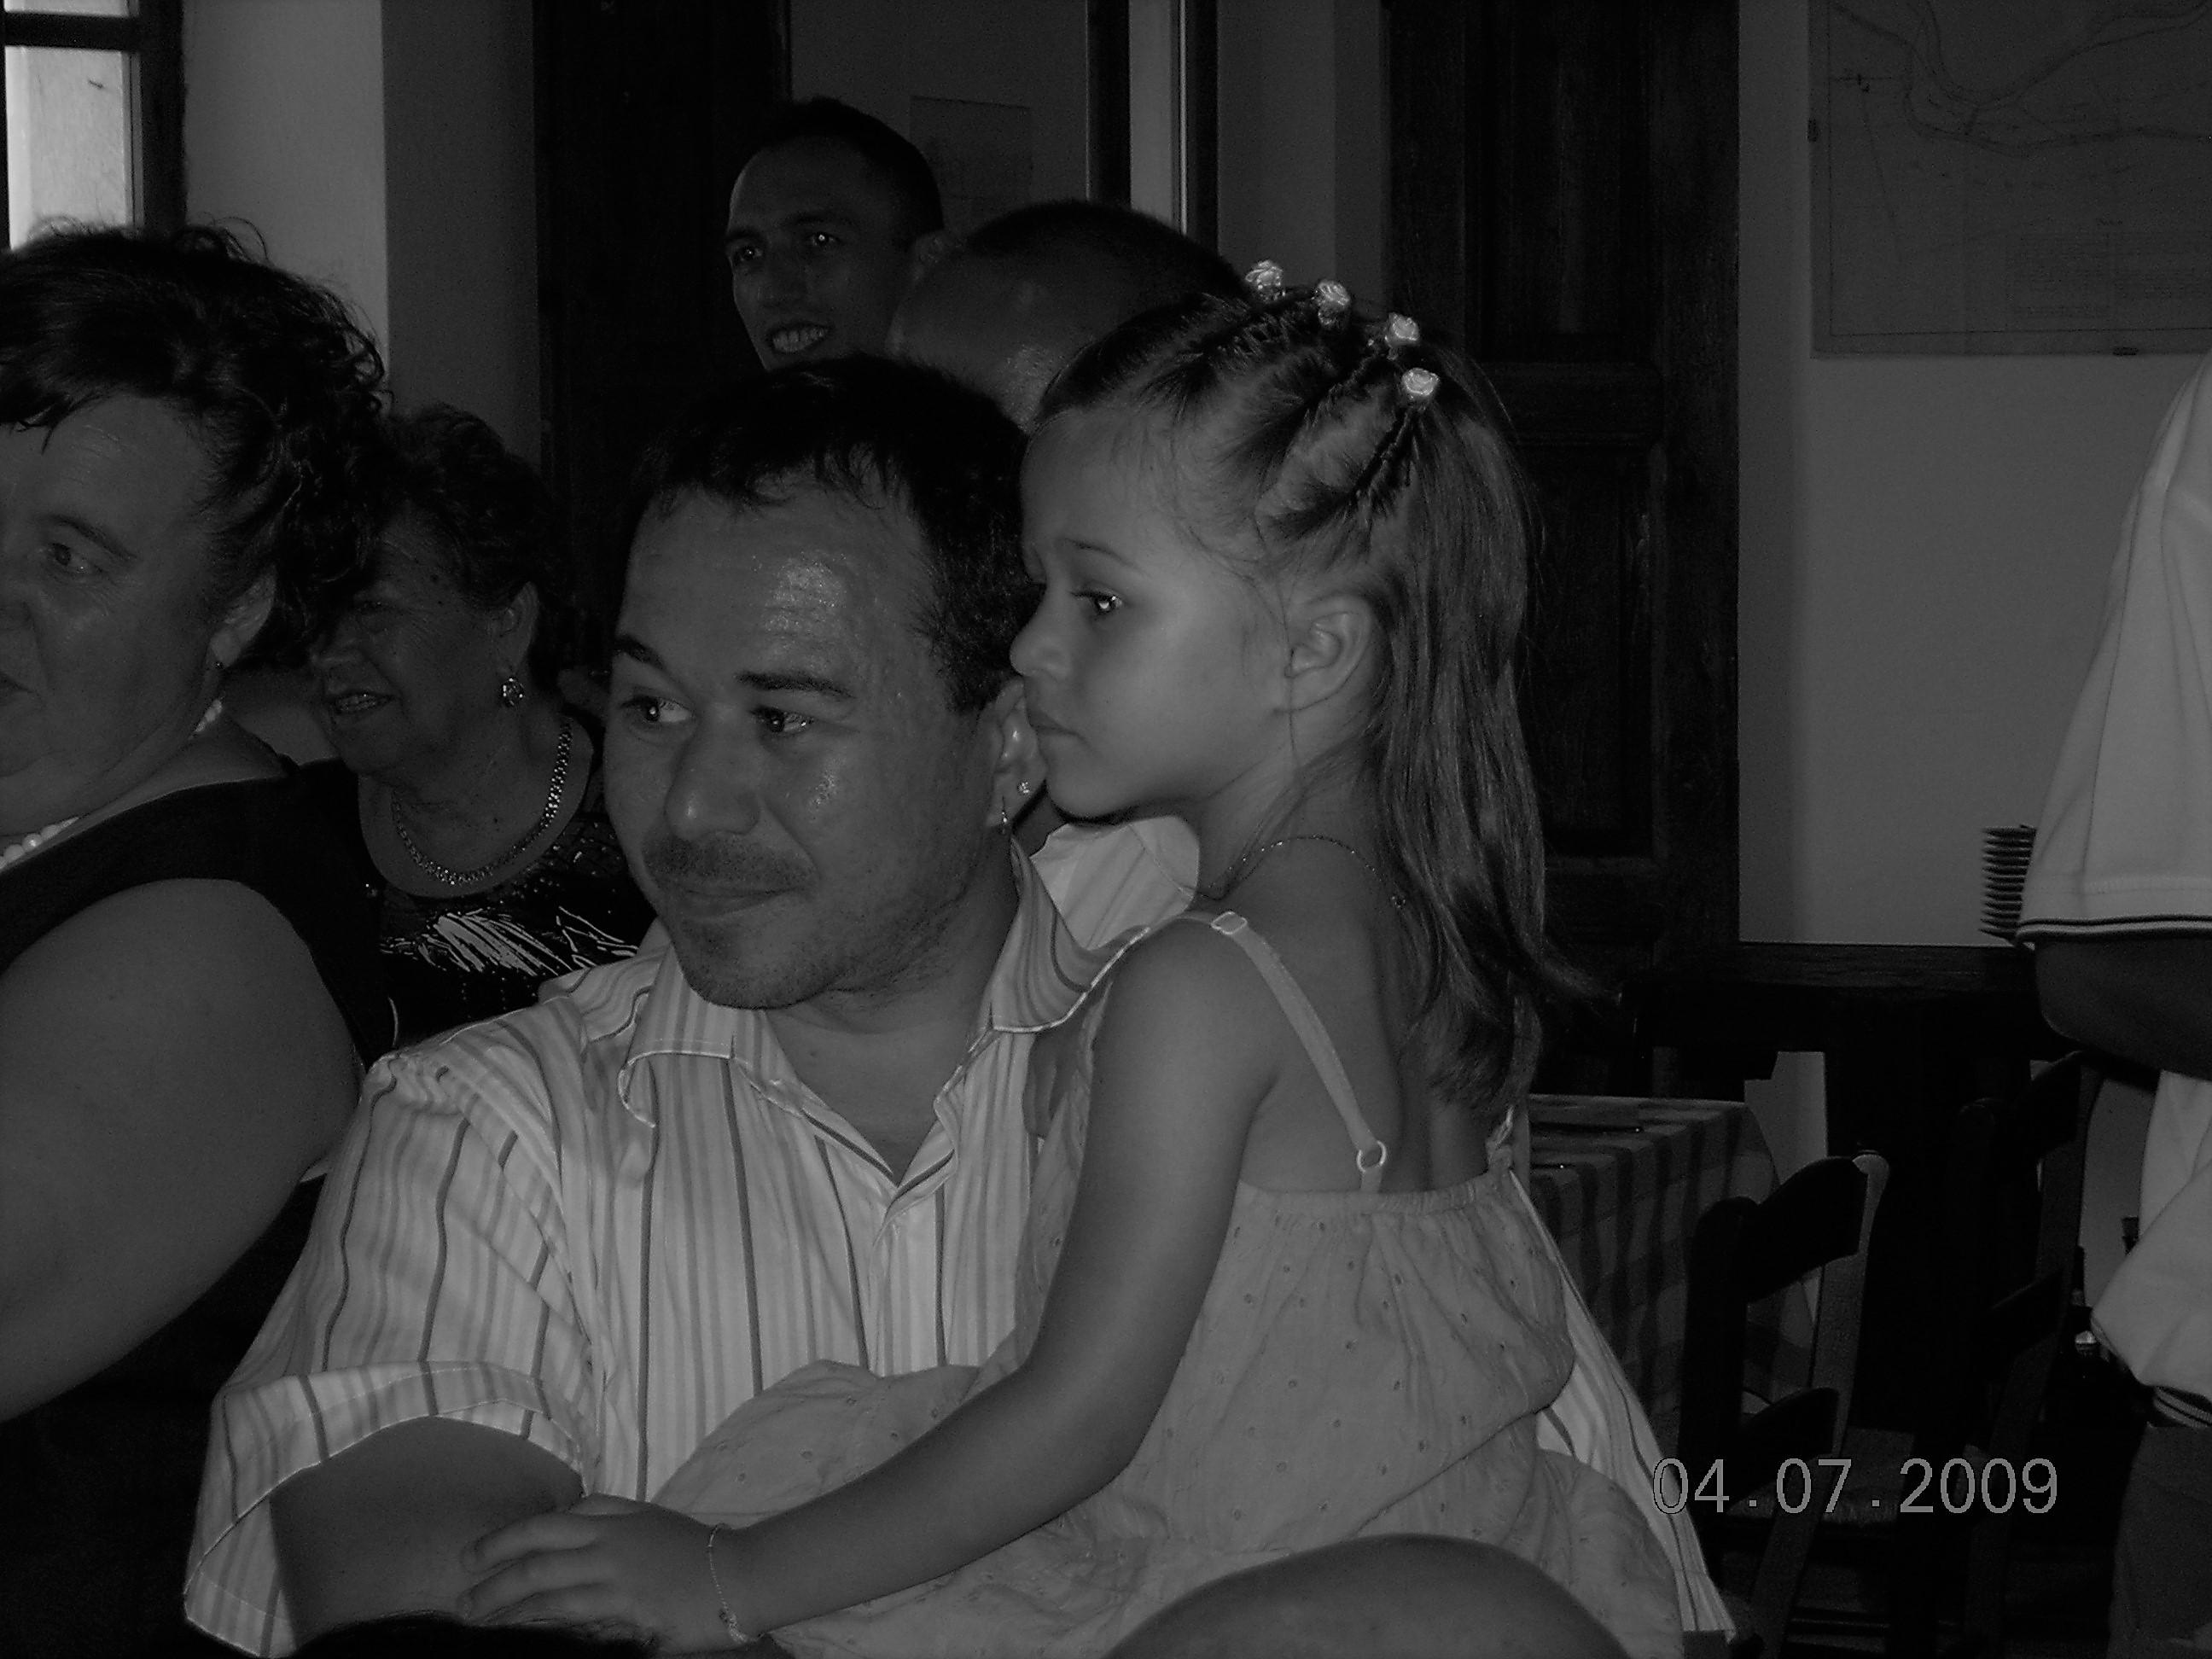 Oscar e Emanuela 04.07.2009 - 053.JPG